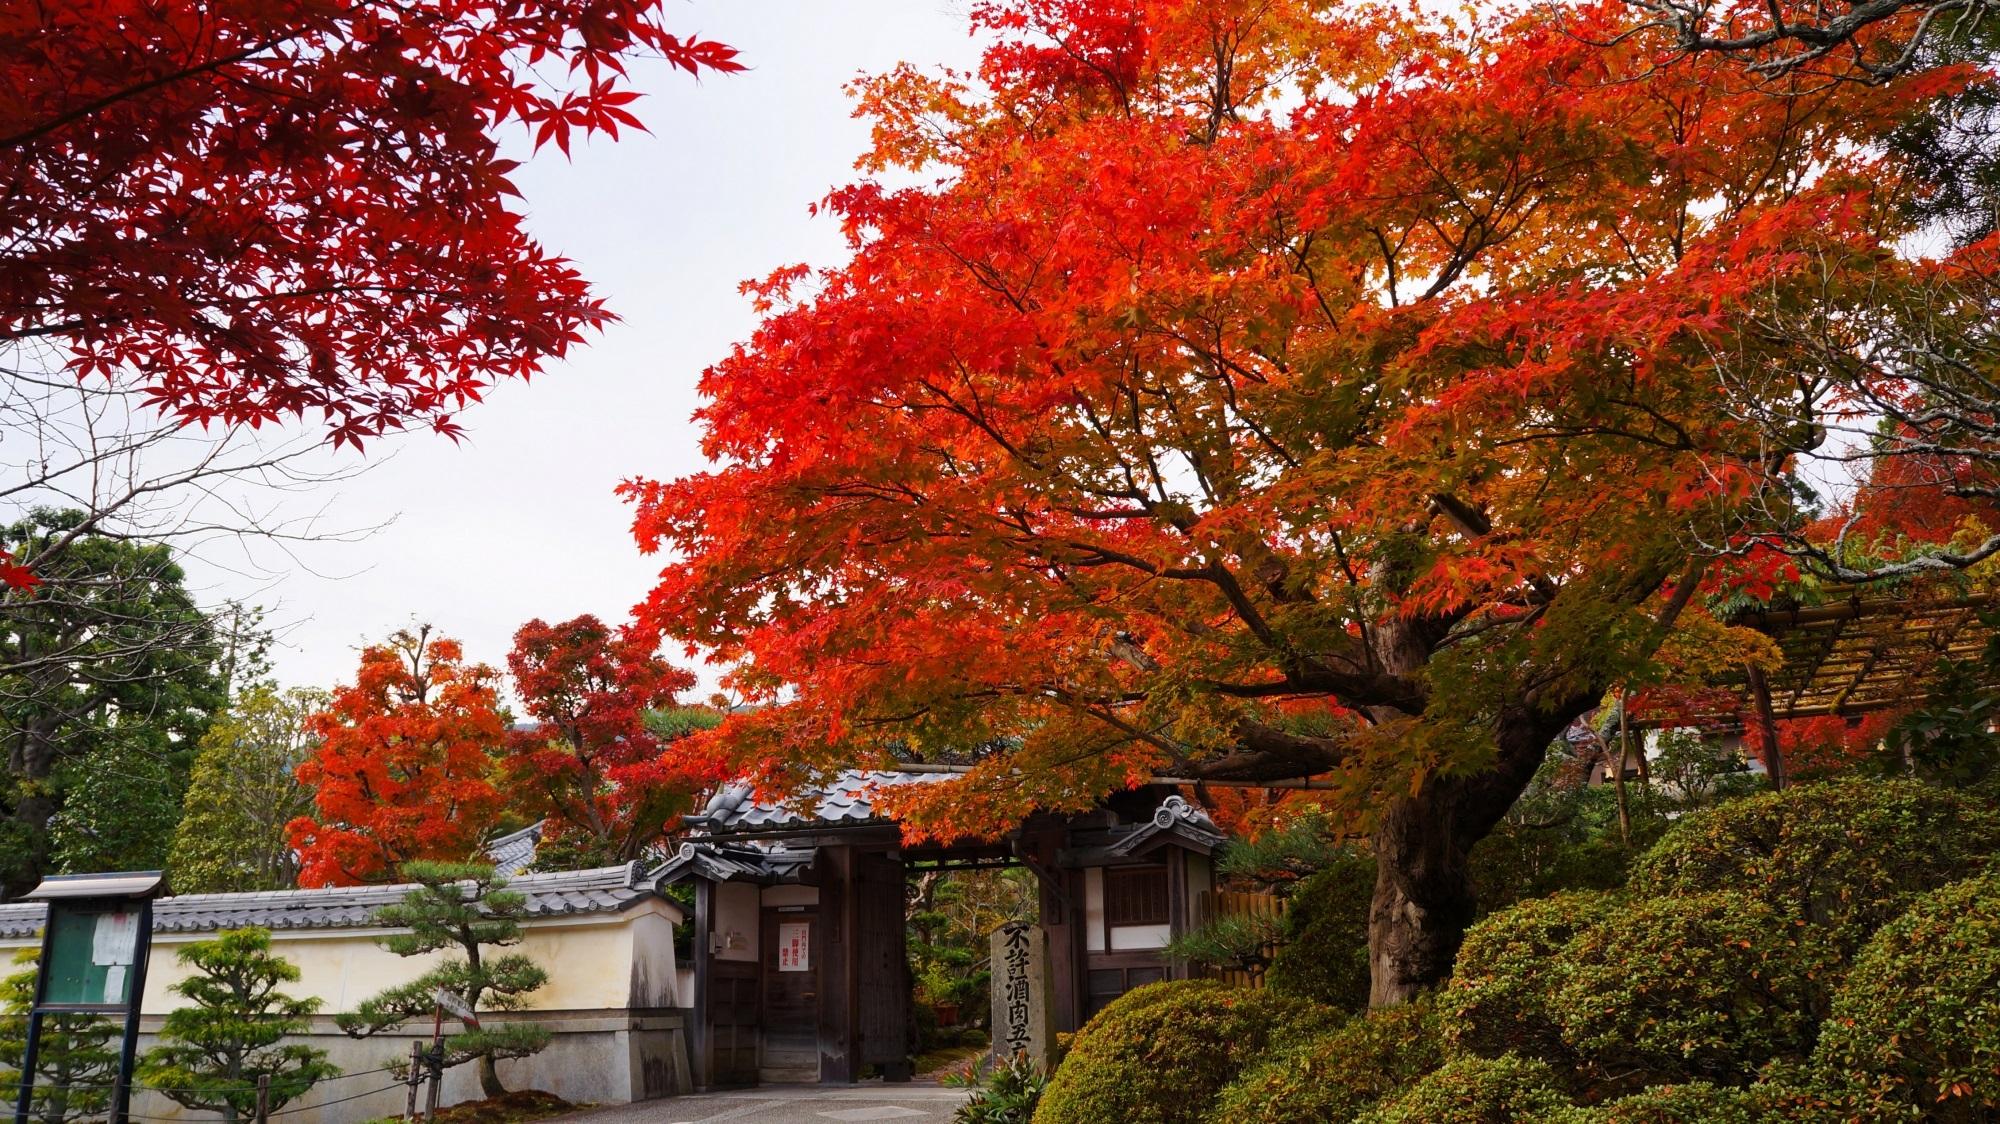 鮮やかな紅葉が溢れる洛西の穴場